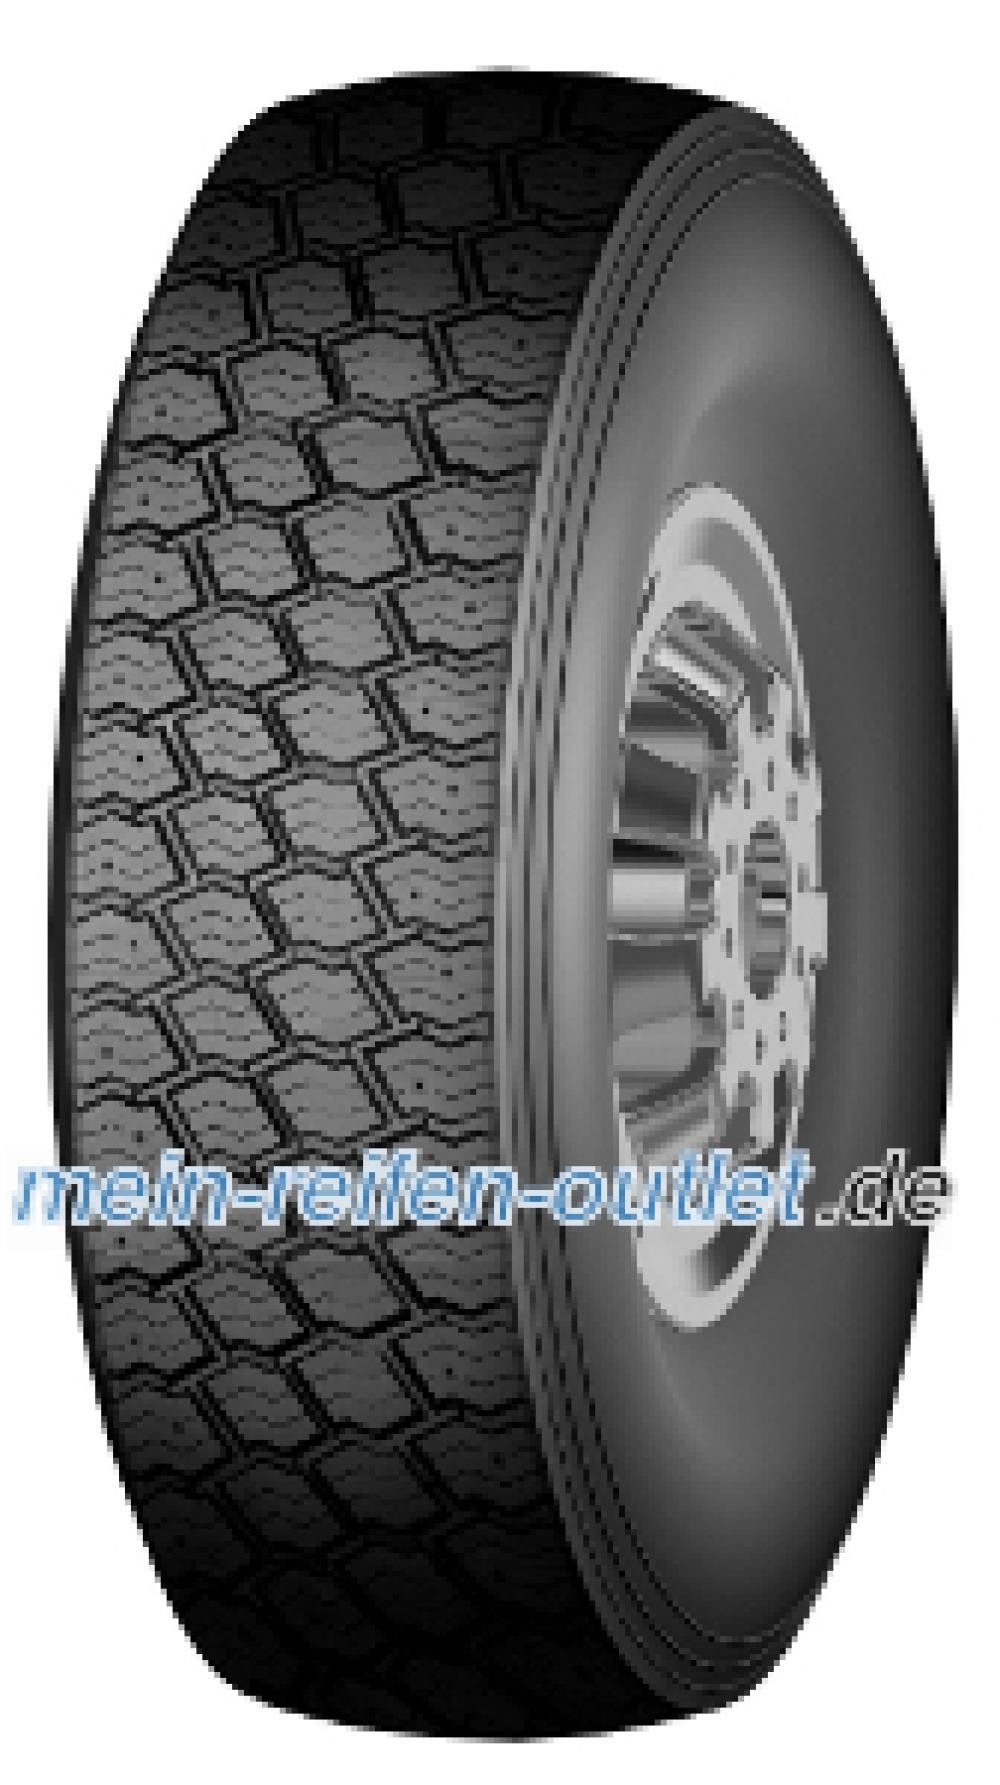 Kaltrunderneuerung MS817 Winter ( 295/80 R22.5 Karkassqualität FV, runderneuert )